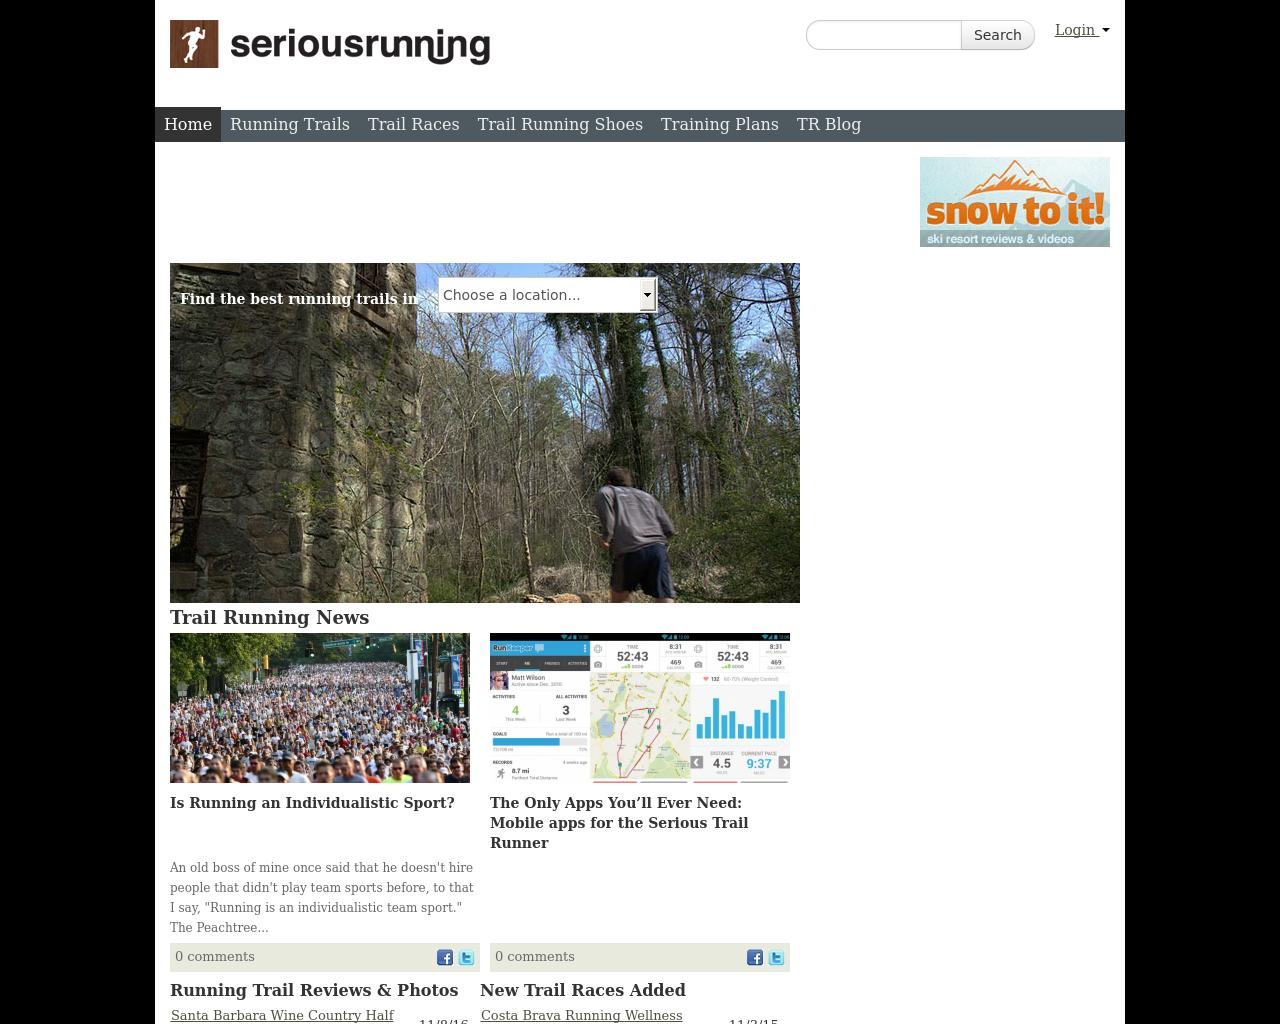 Seriousrunning-Advertising-Reviews-Pricing